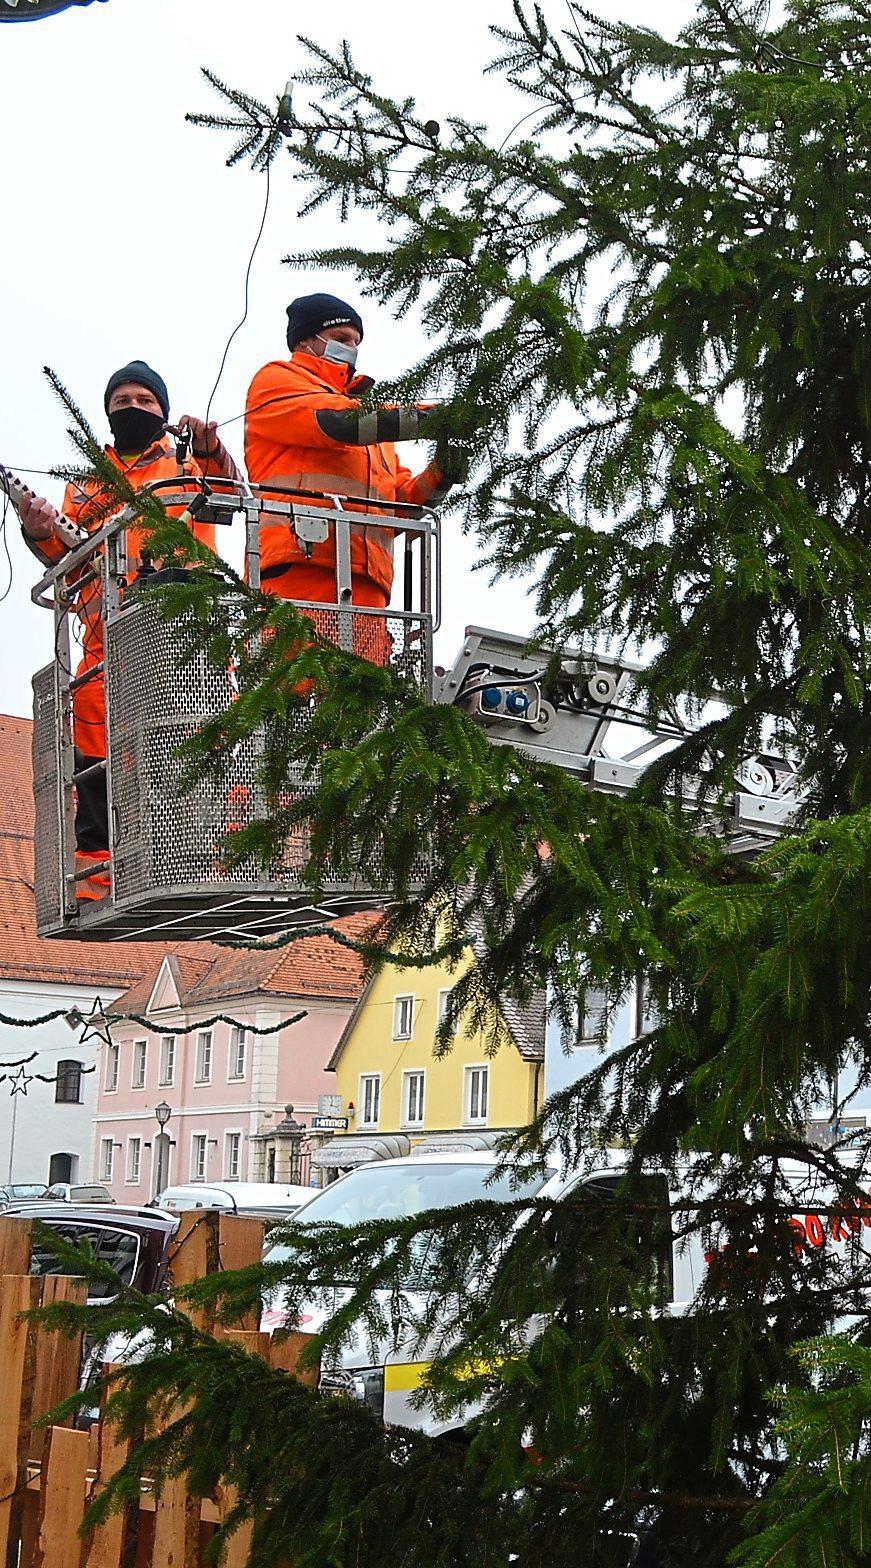 Zu jedem Weihnachtsfest gehört auch ein Christbaum – zu Hause im Wohnzimmer und in der Stadt auf dem großen Platz vor dem Rathaus. Auch in Beilngries steht er jetzt. Foto: Deisler